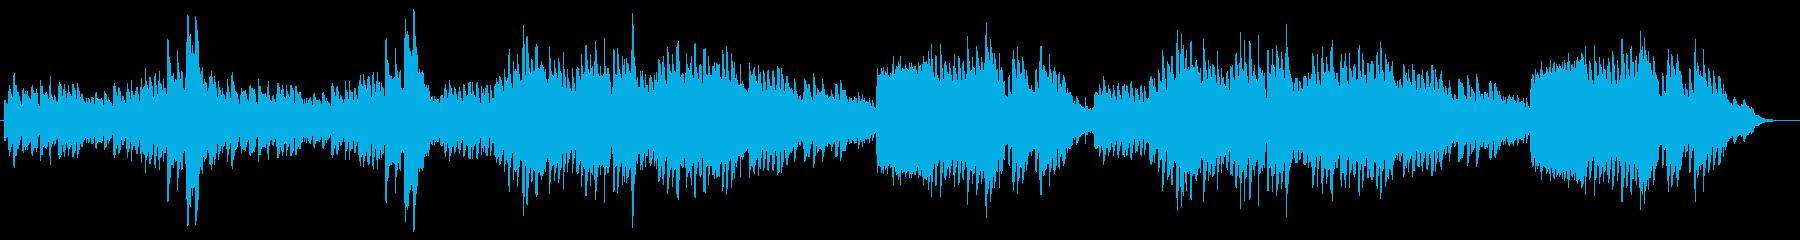 儚くも可愛らしいピアノによるメヌエットの再生済みの波形